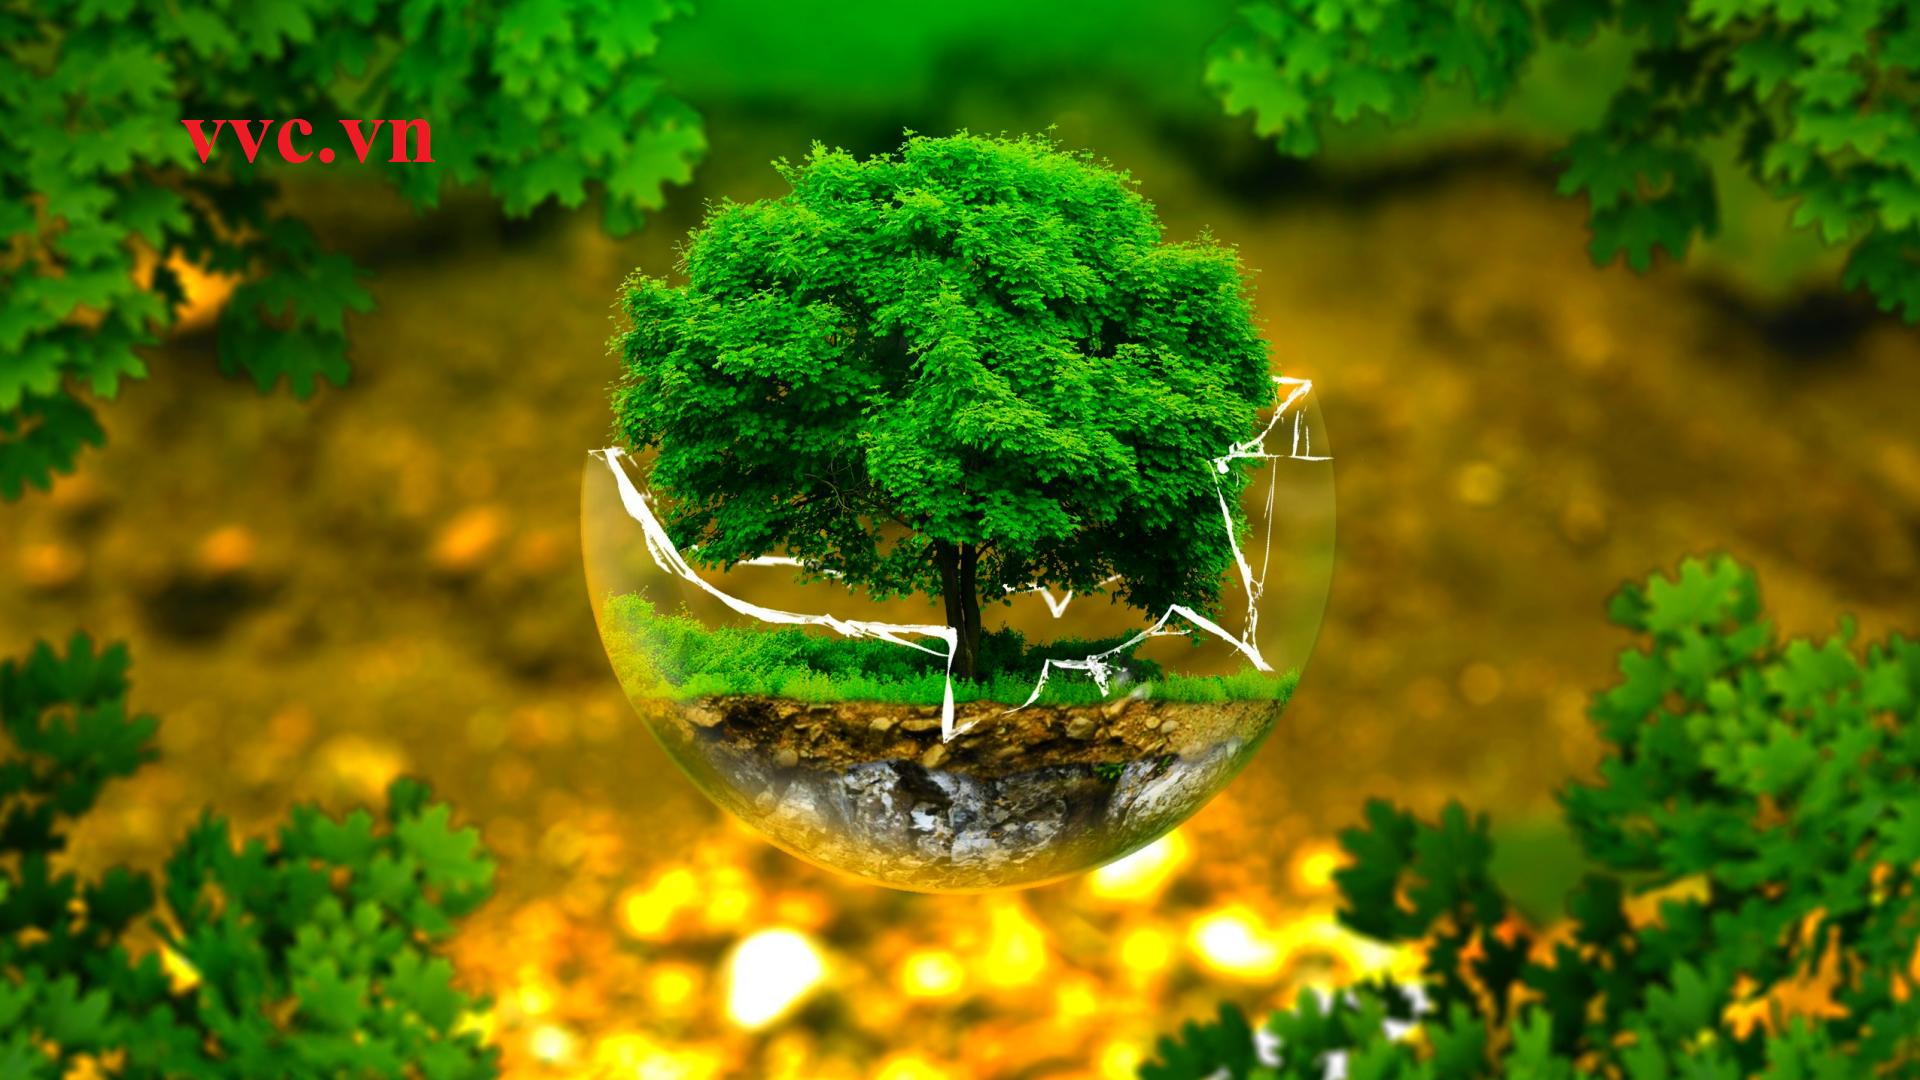 Môi trường và tầm quan trọng của việc bảo vệ môi trường sống